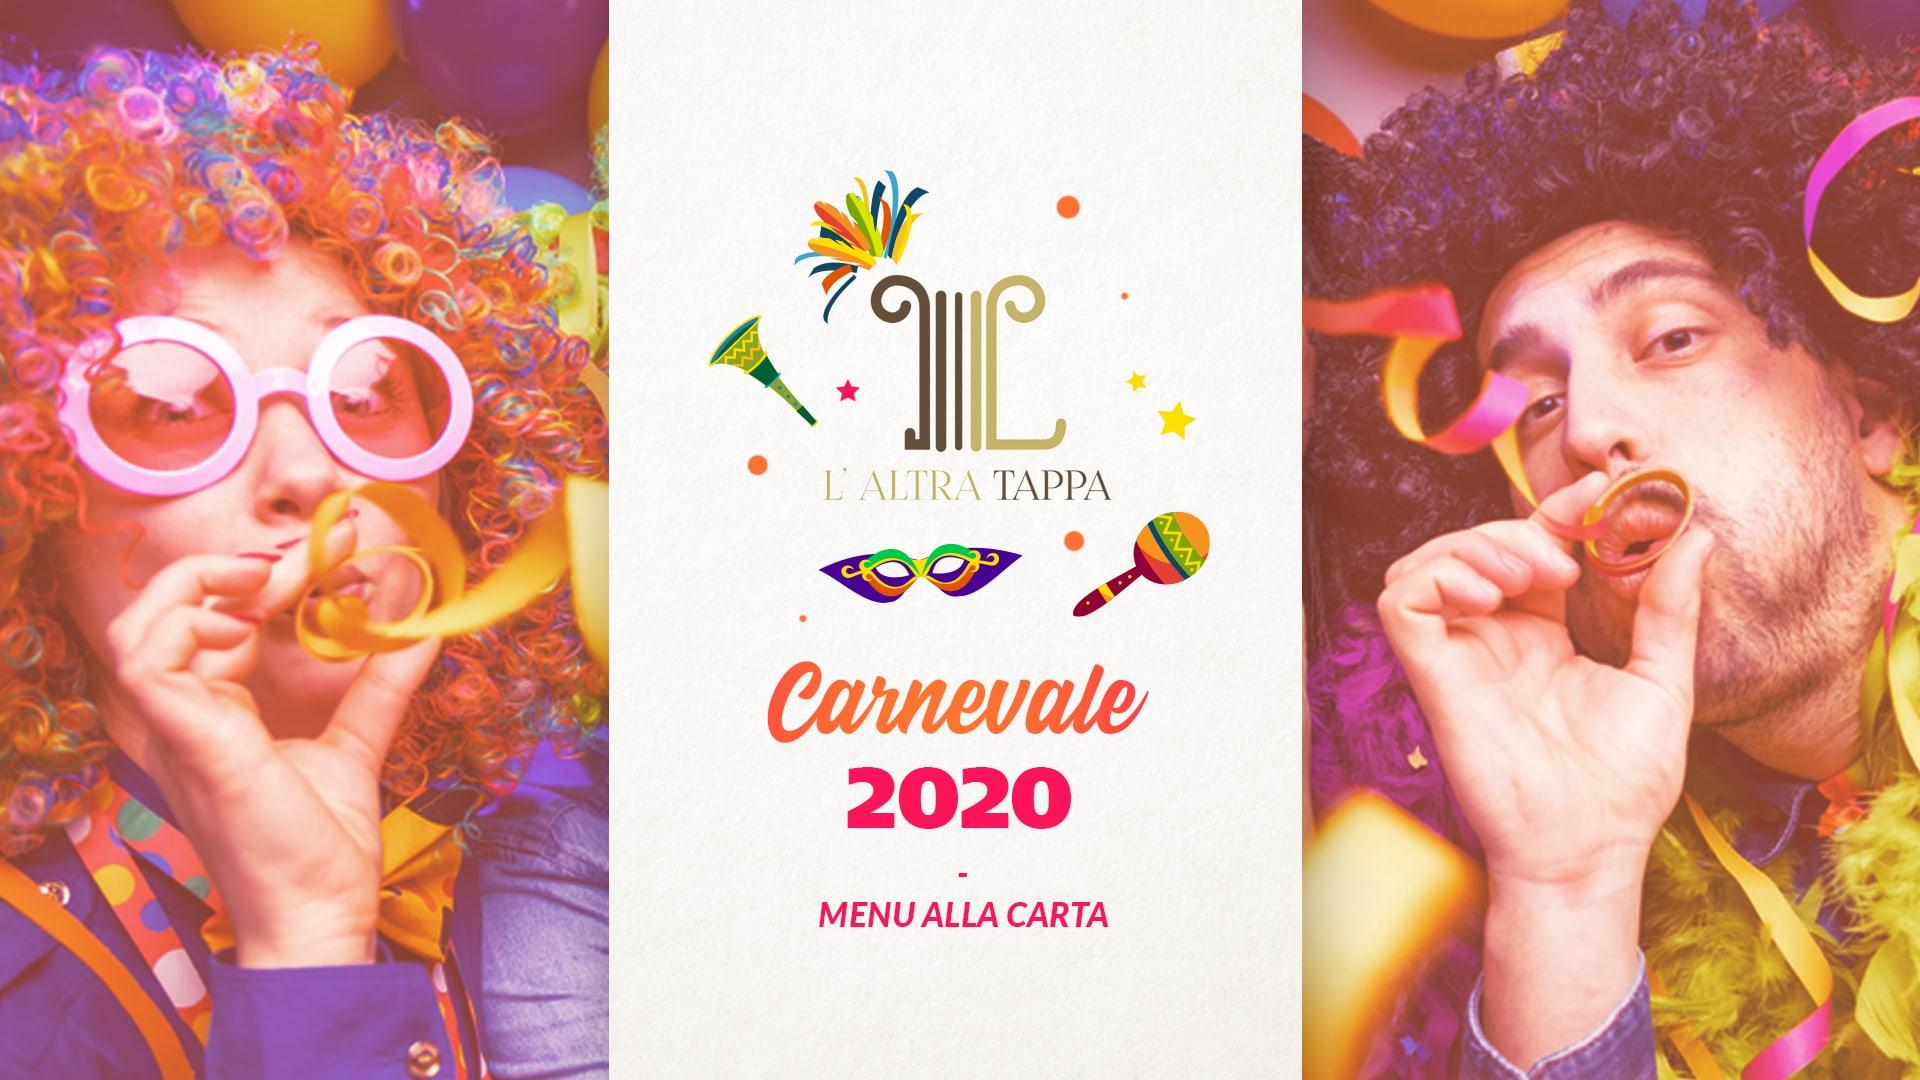 Laltratappa_Carnevale_Evento